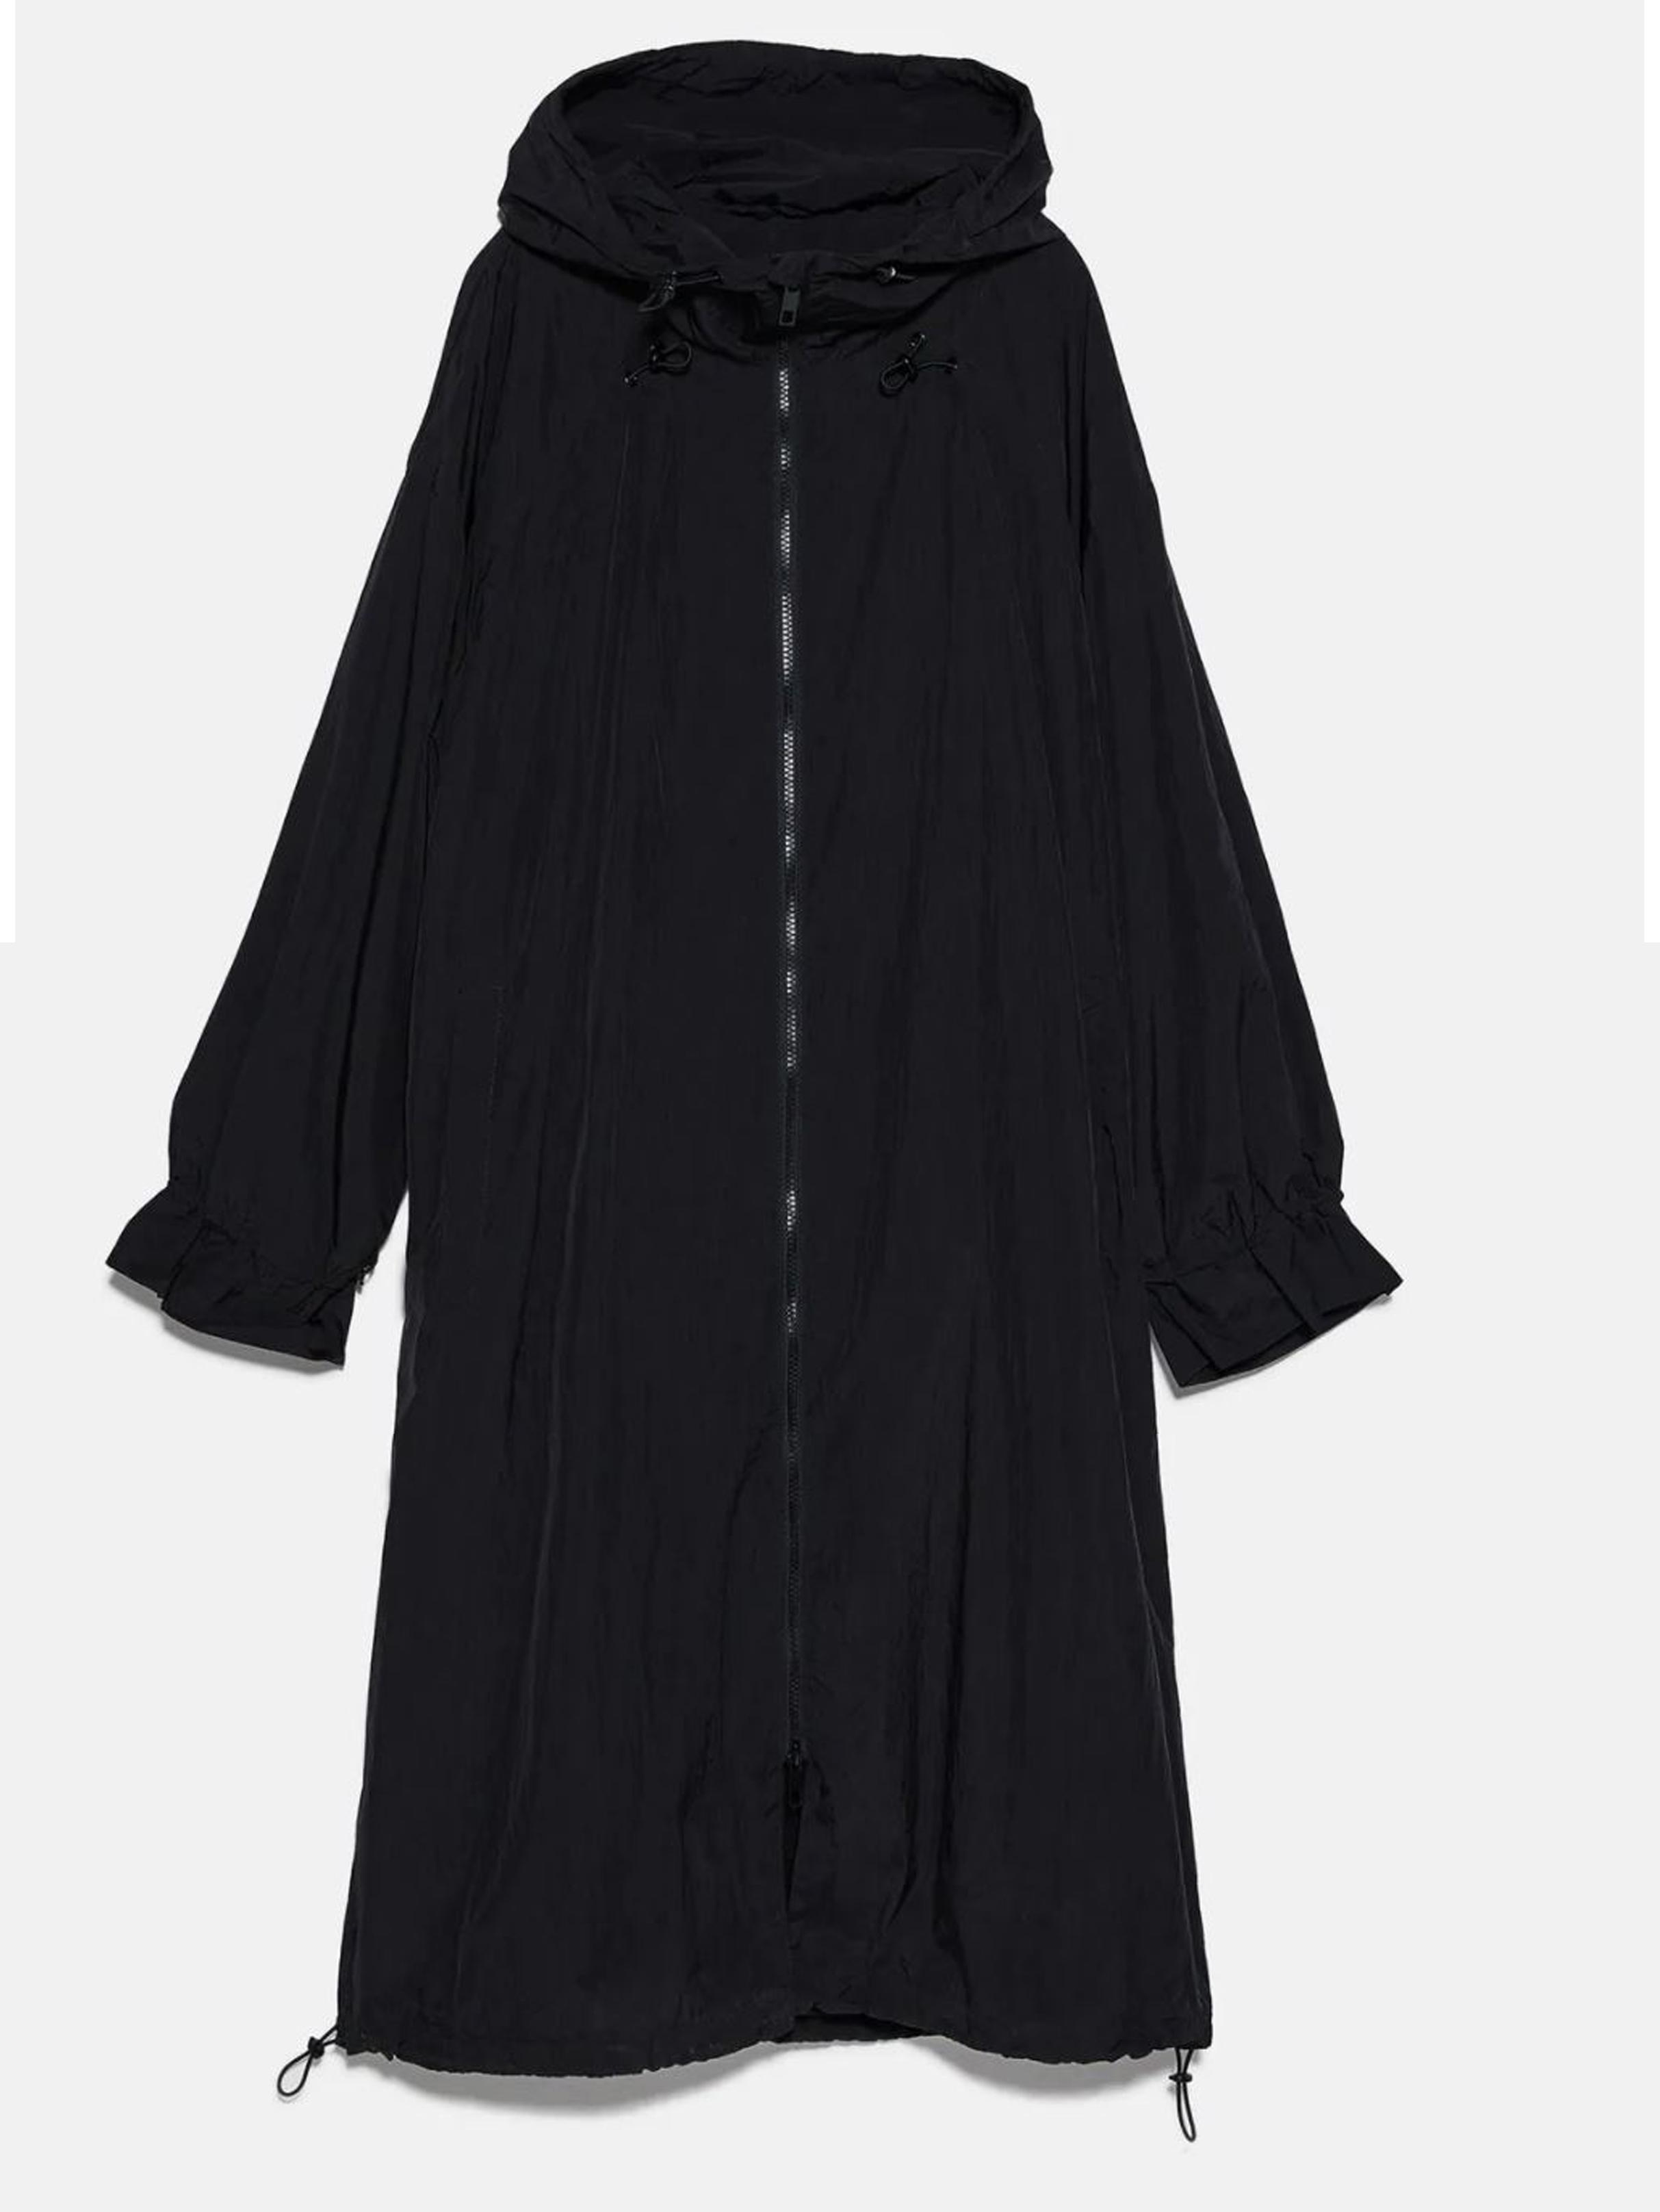 Zara Foldaway Water-Repellant Raincoat £49